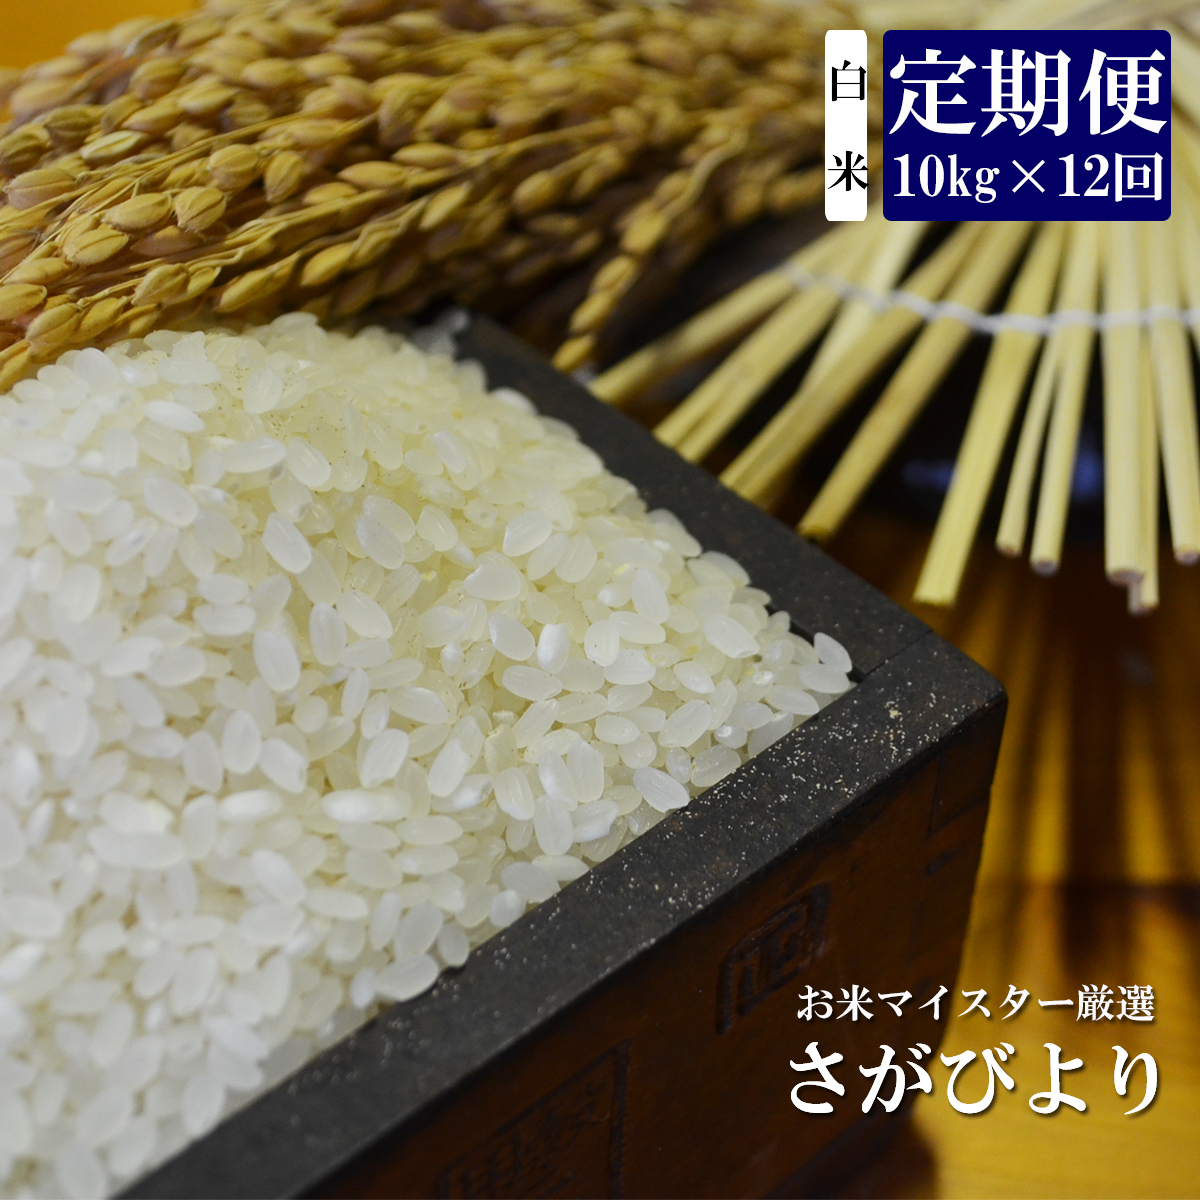 【ふるさと納税】S-1 《12ヶ月定期便》鹿島市産さがびより 白米(毎月10kg×12回)